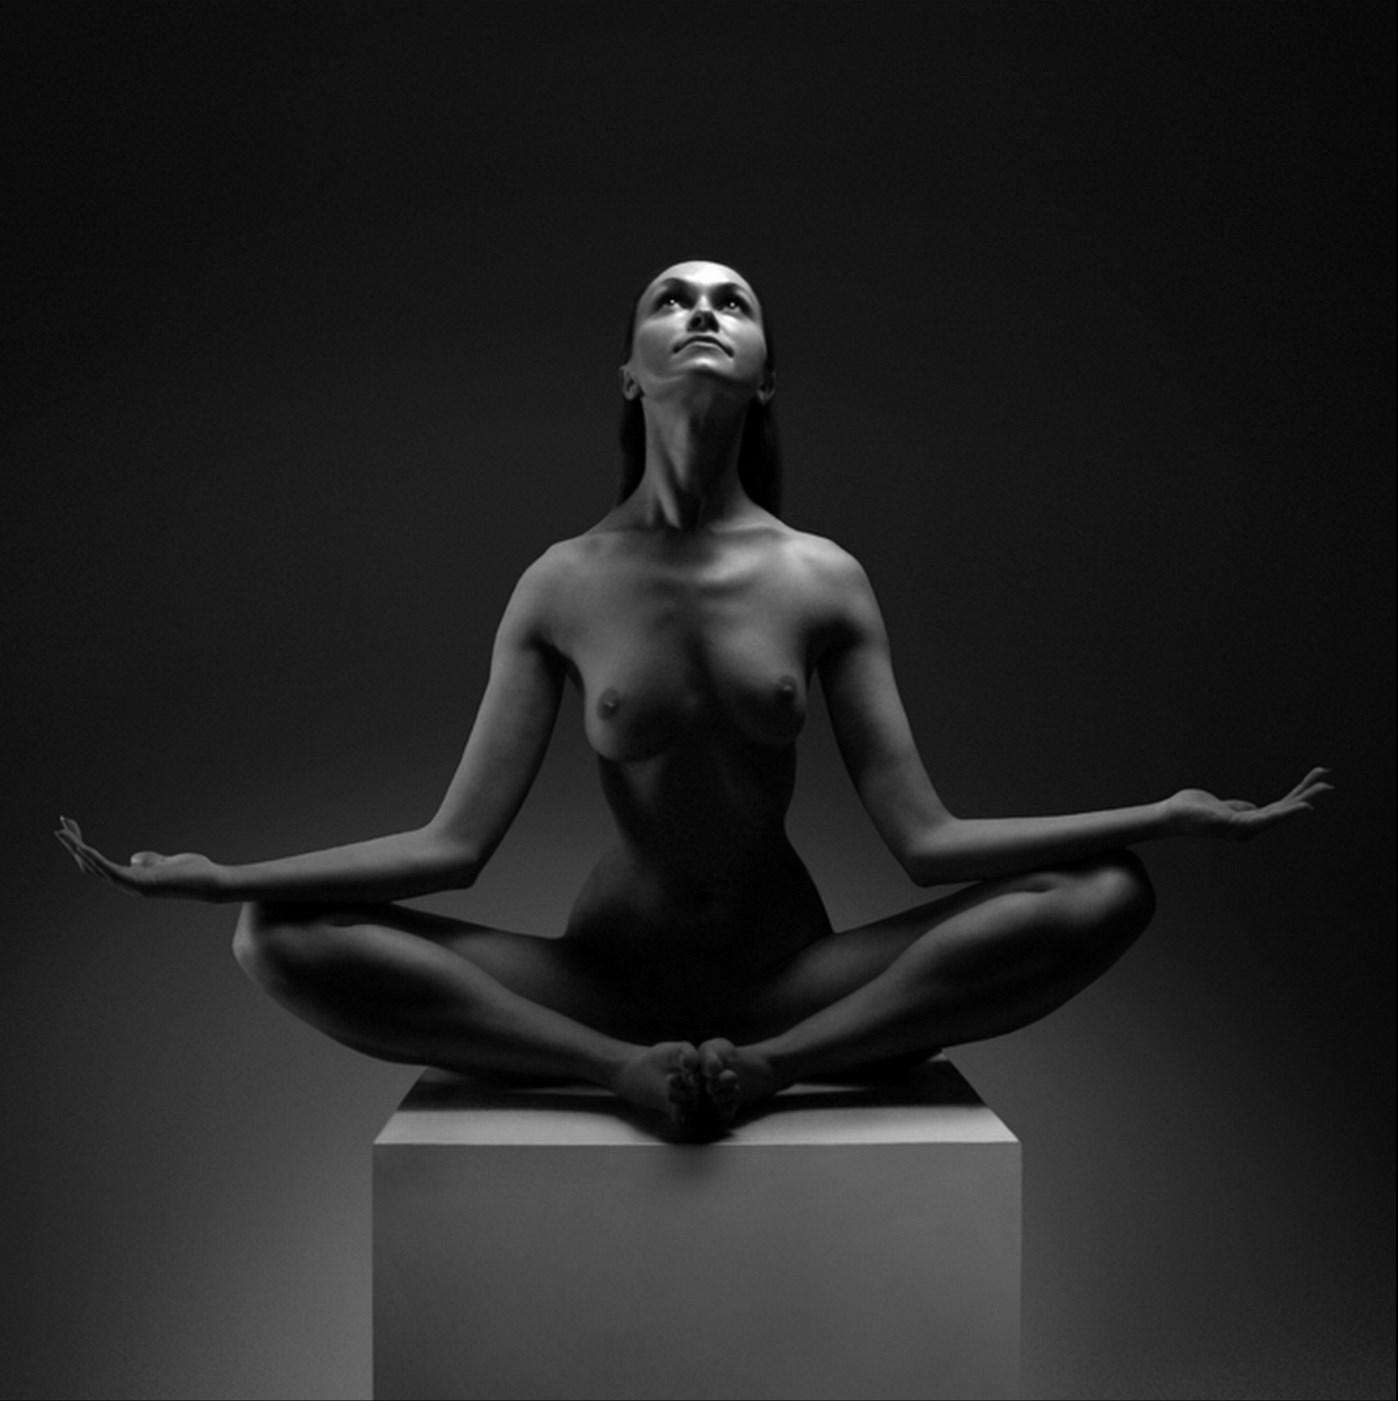 Galeria De La Fotografia Artistica Mujeres Mujer Y Arte